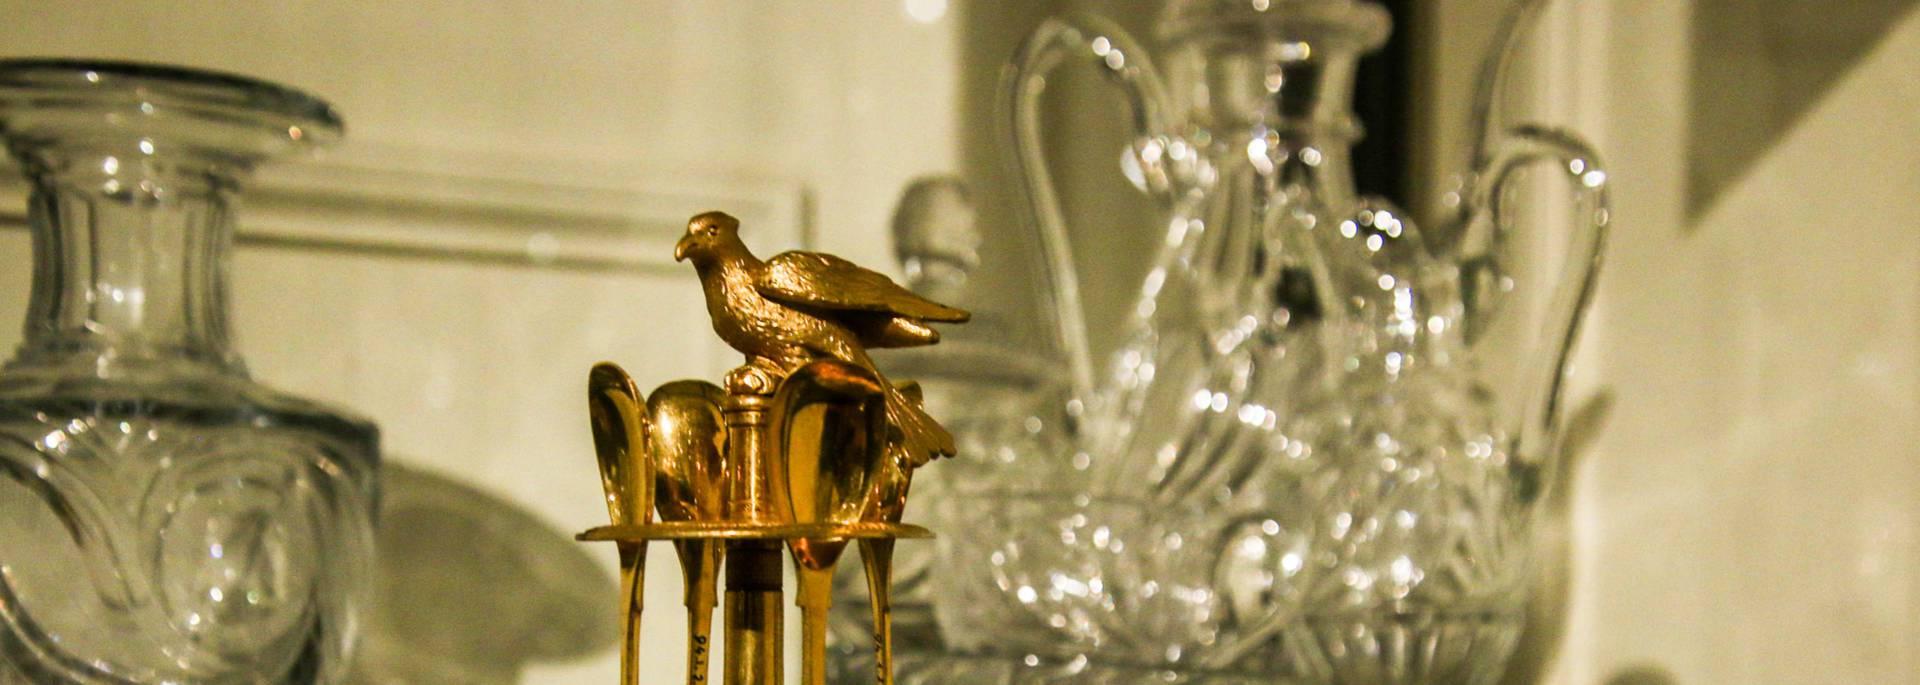 Service en cristal au Musée de l'homme et de l'industrie, Le Creusot. © Lesley Williamson.